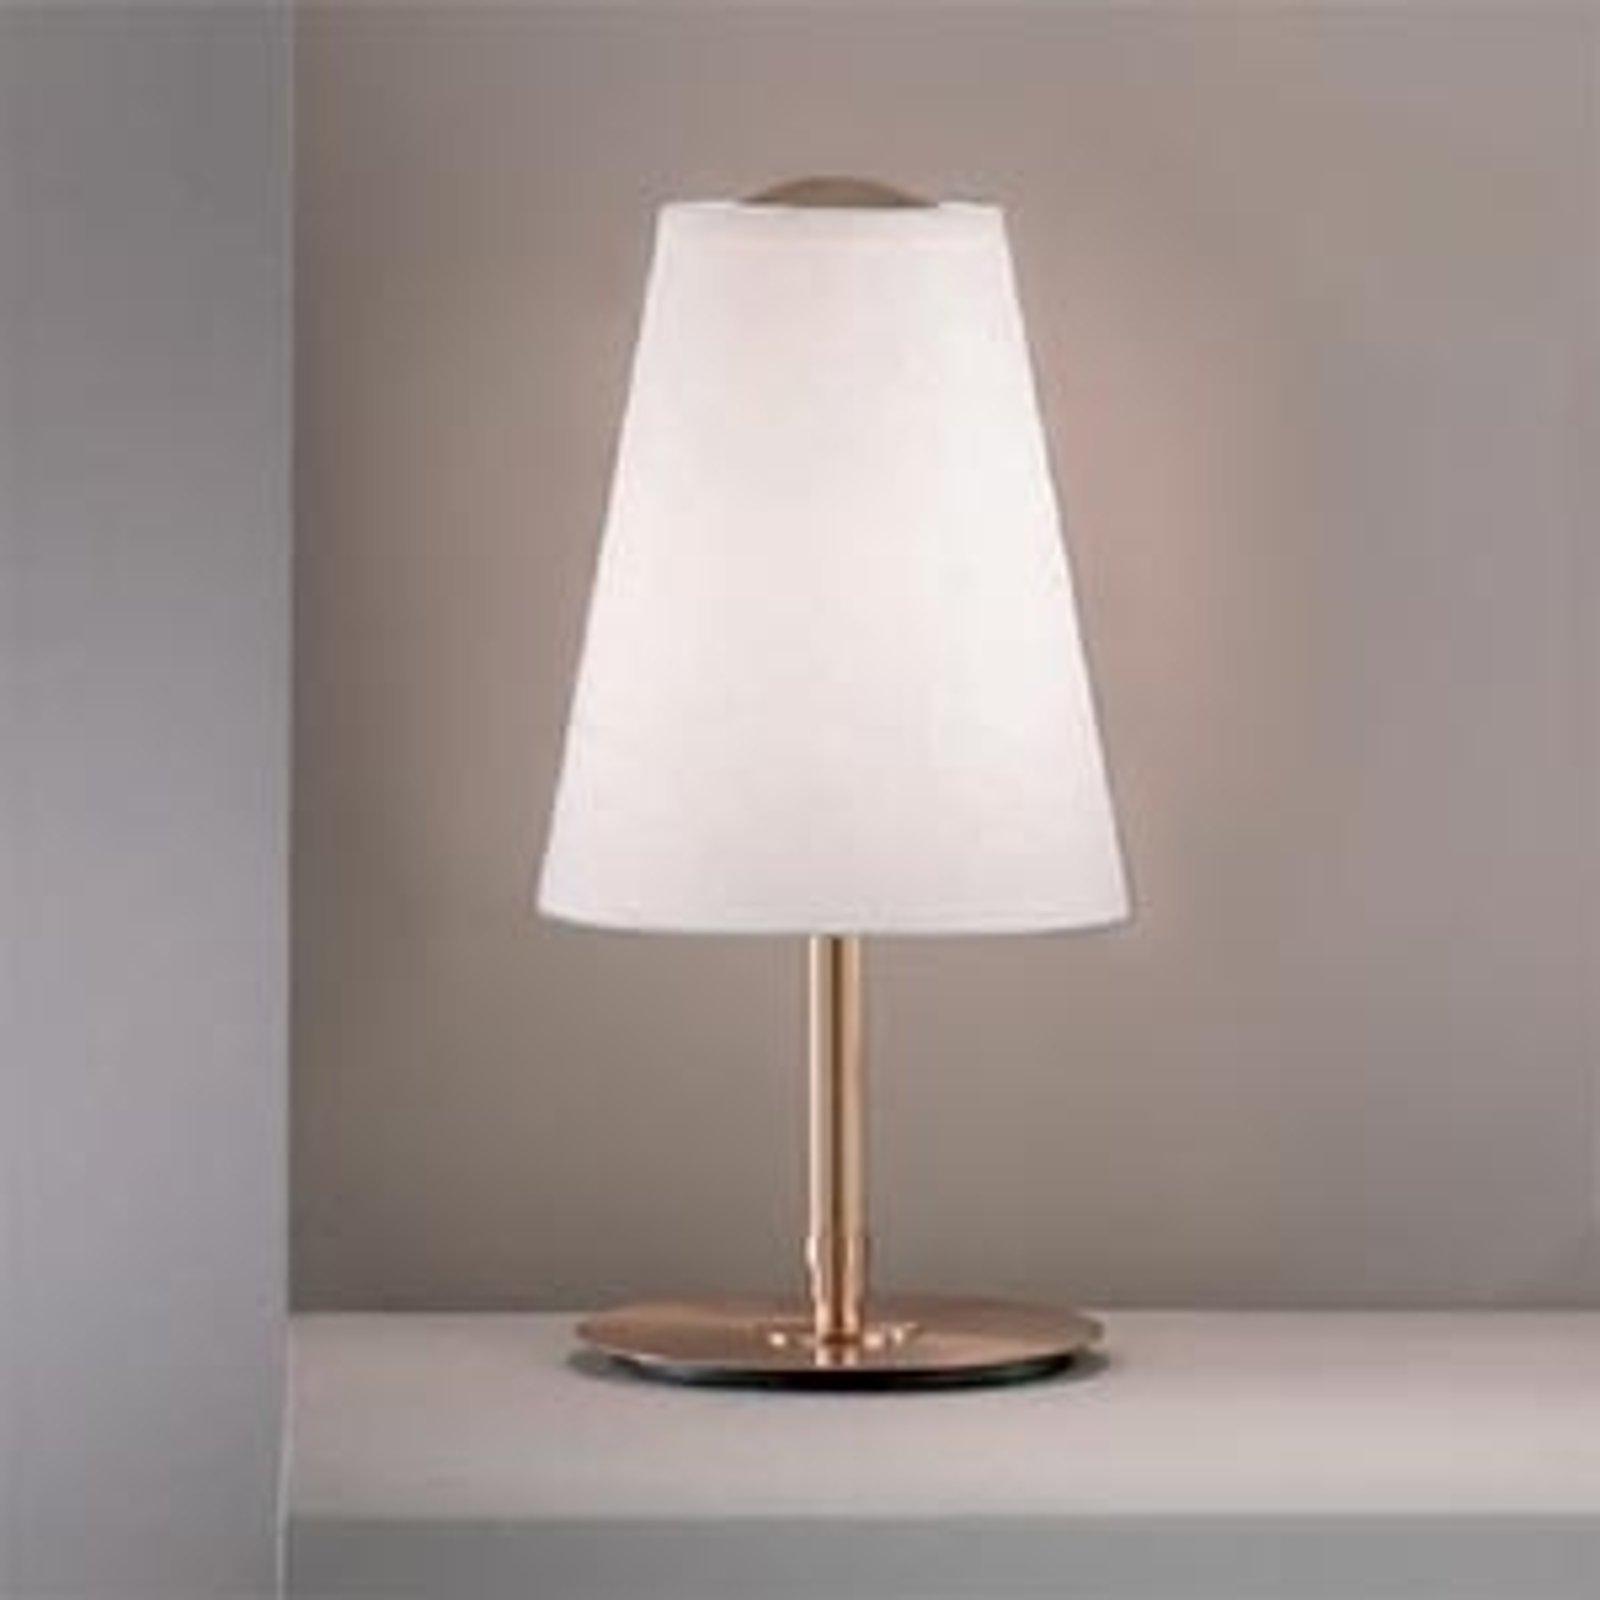 Bordlampe Clemo høyde 38 cm gull